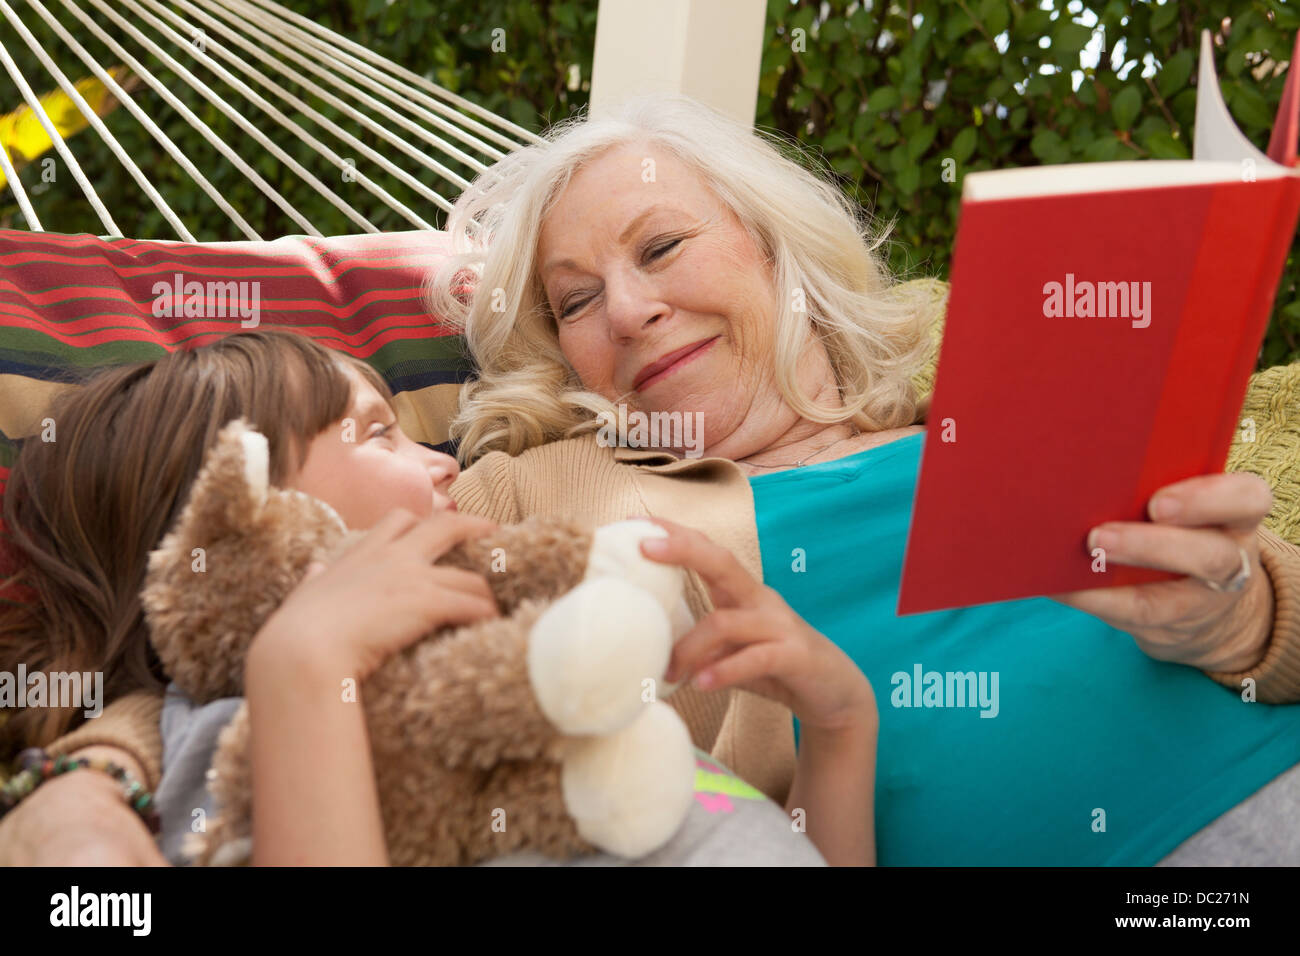 Großmutter und Enkelin lesen Buch in der Hängematte Stockbild